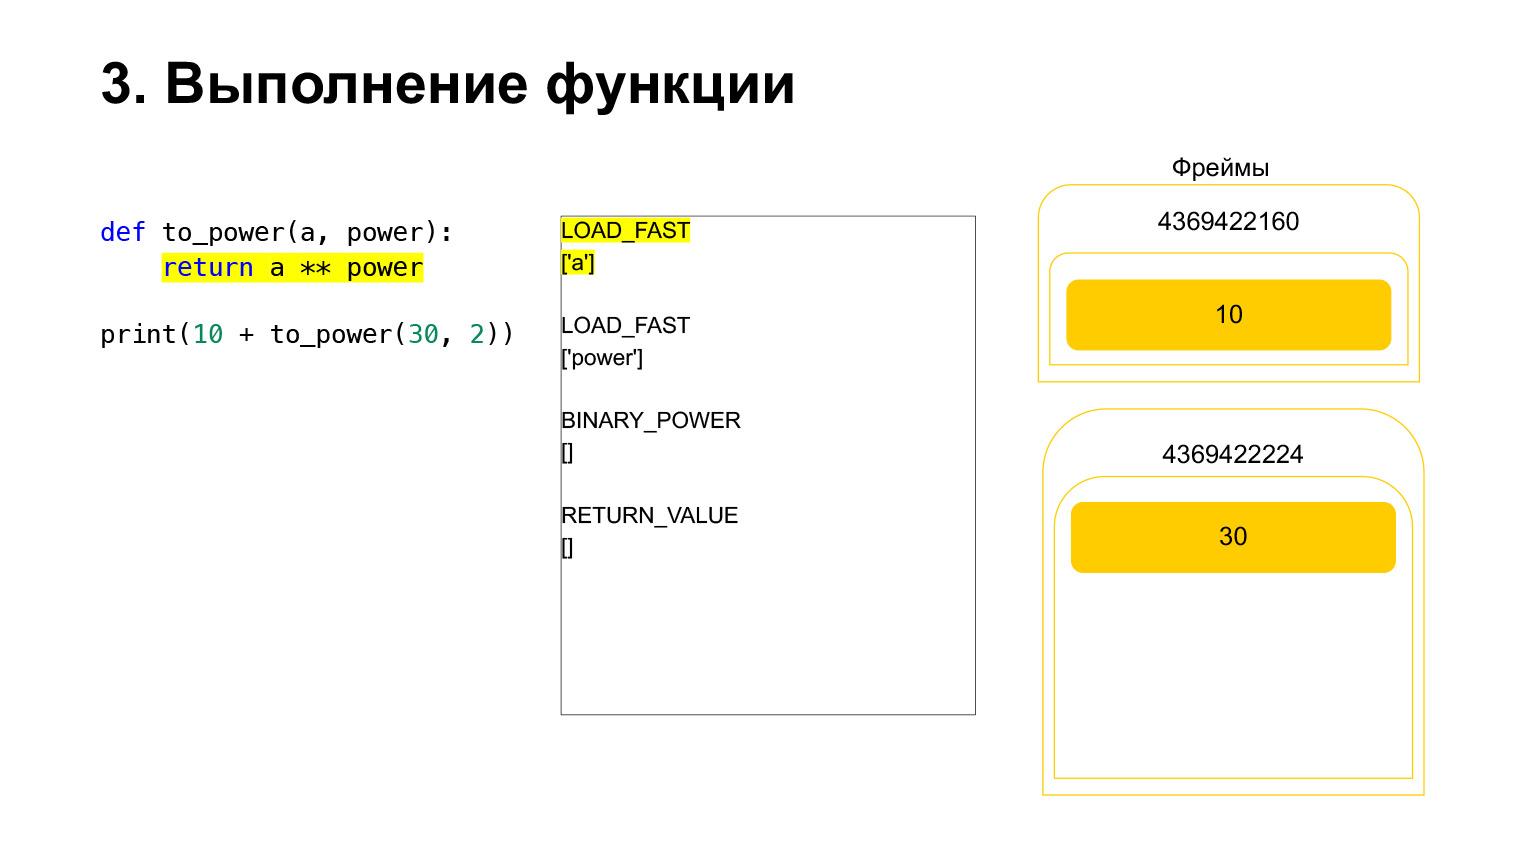 Устройство CPython. Доклад Яндекса - 21